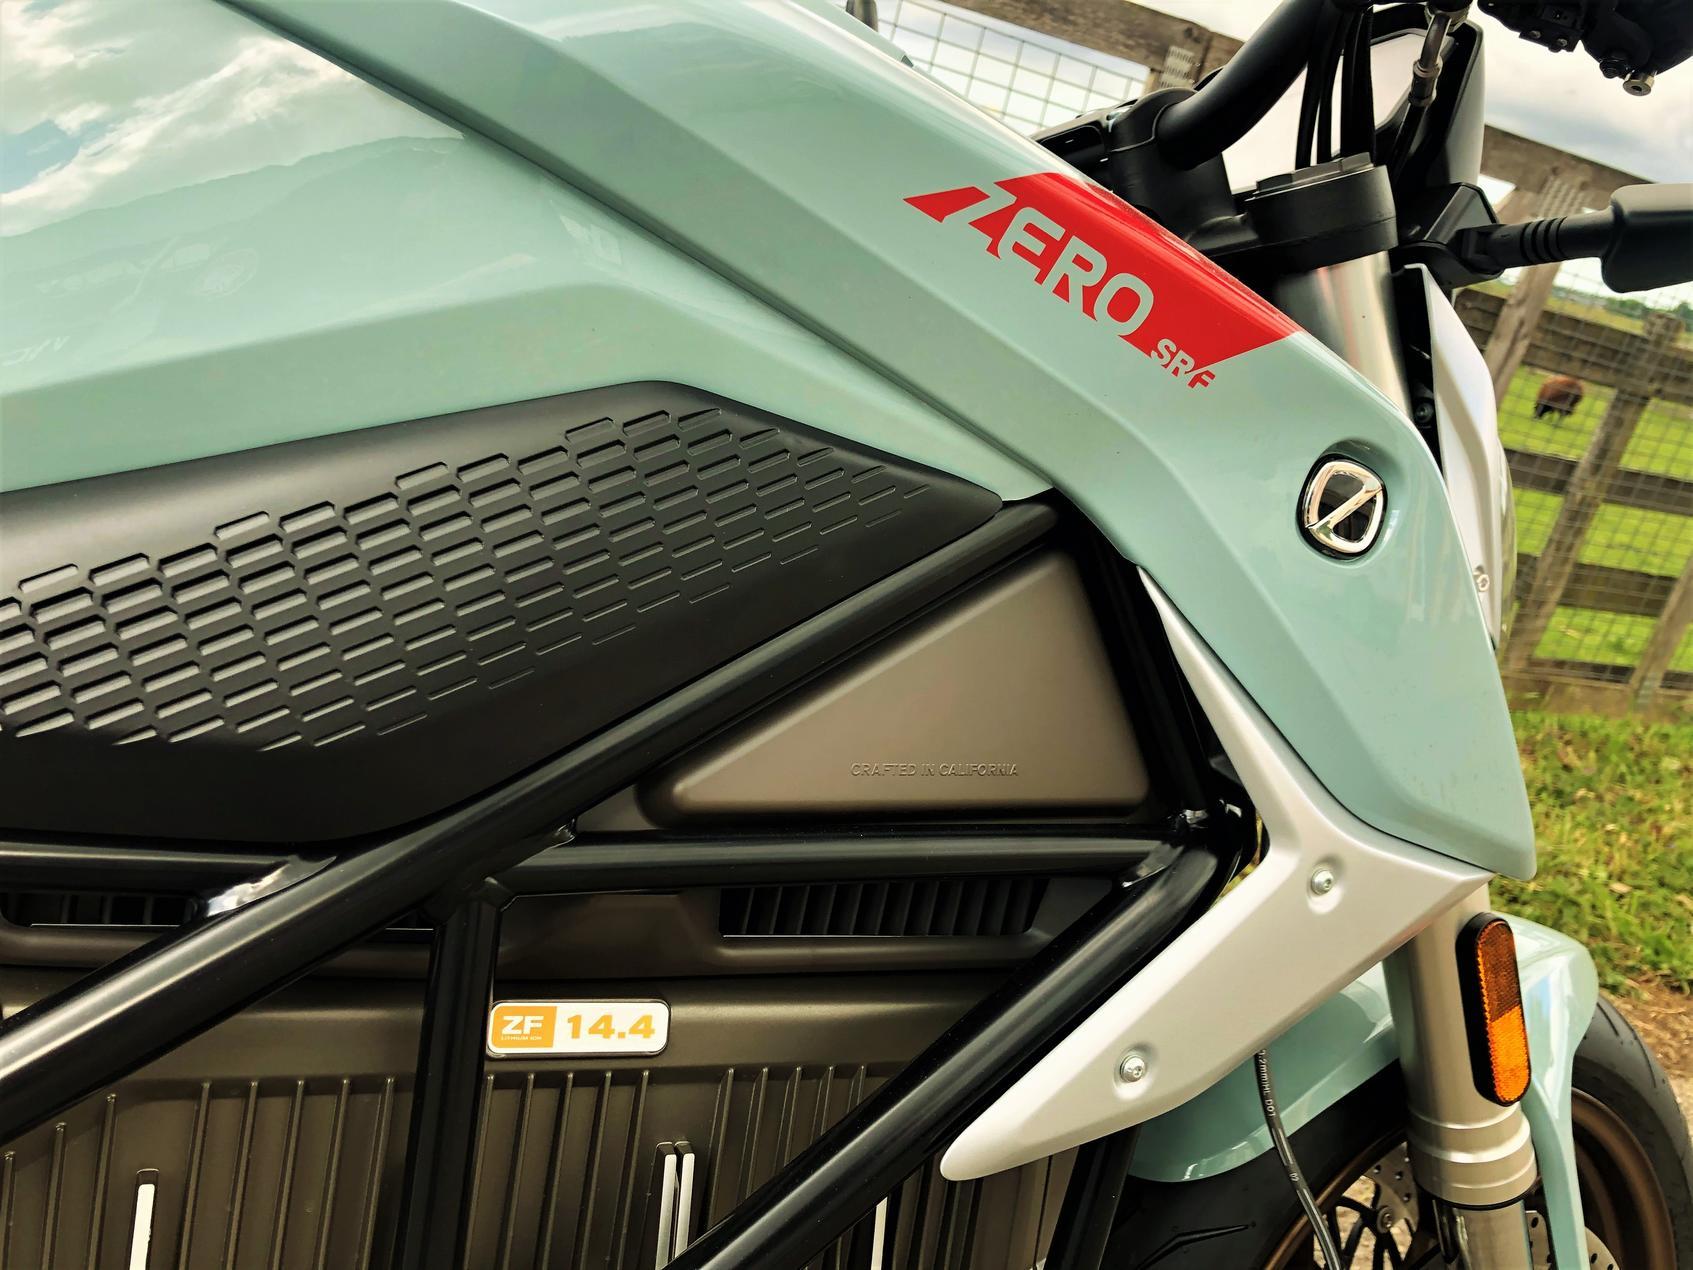 ZERO - SR/F Premium